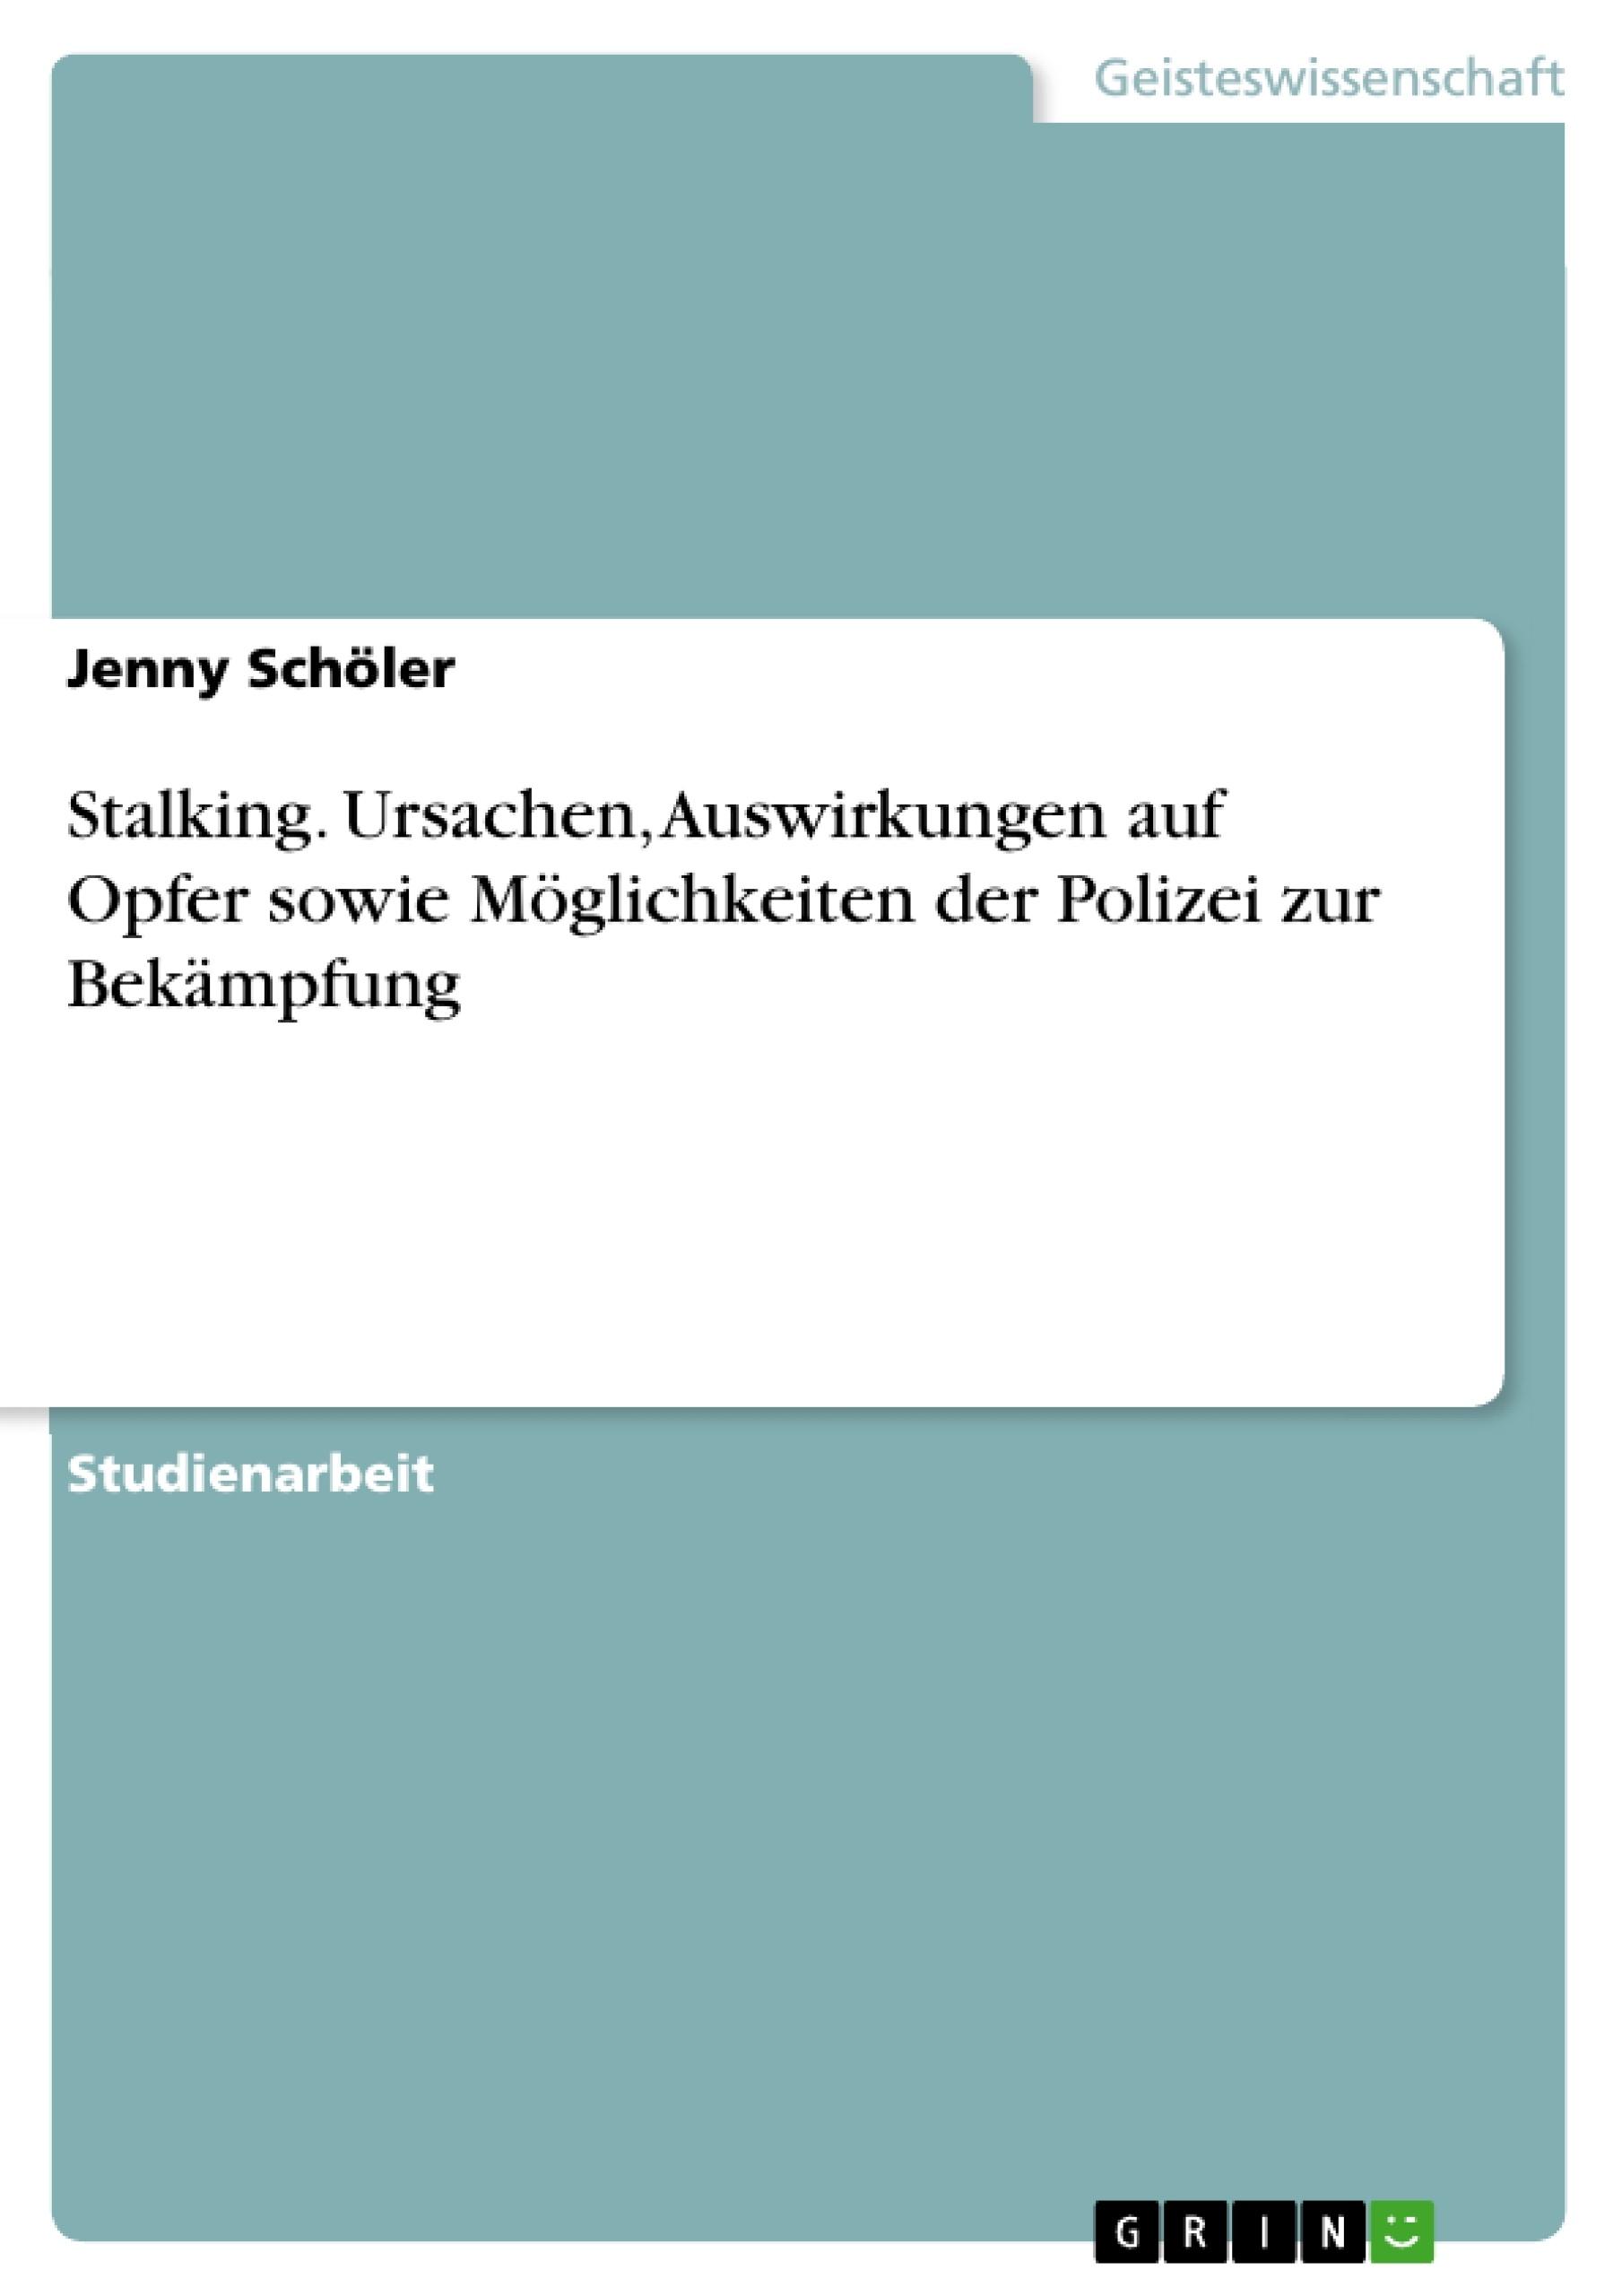 Titel: Stalking. Ursachen, Auswirkungen auf Opfer sowie Möglichkeiten der Polizei zur Bekämpfung